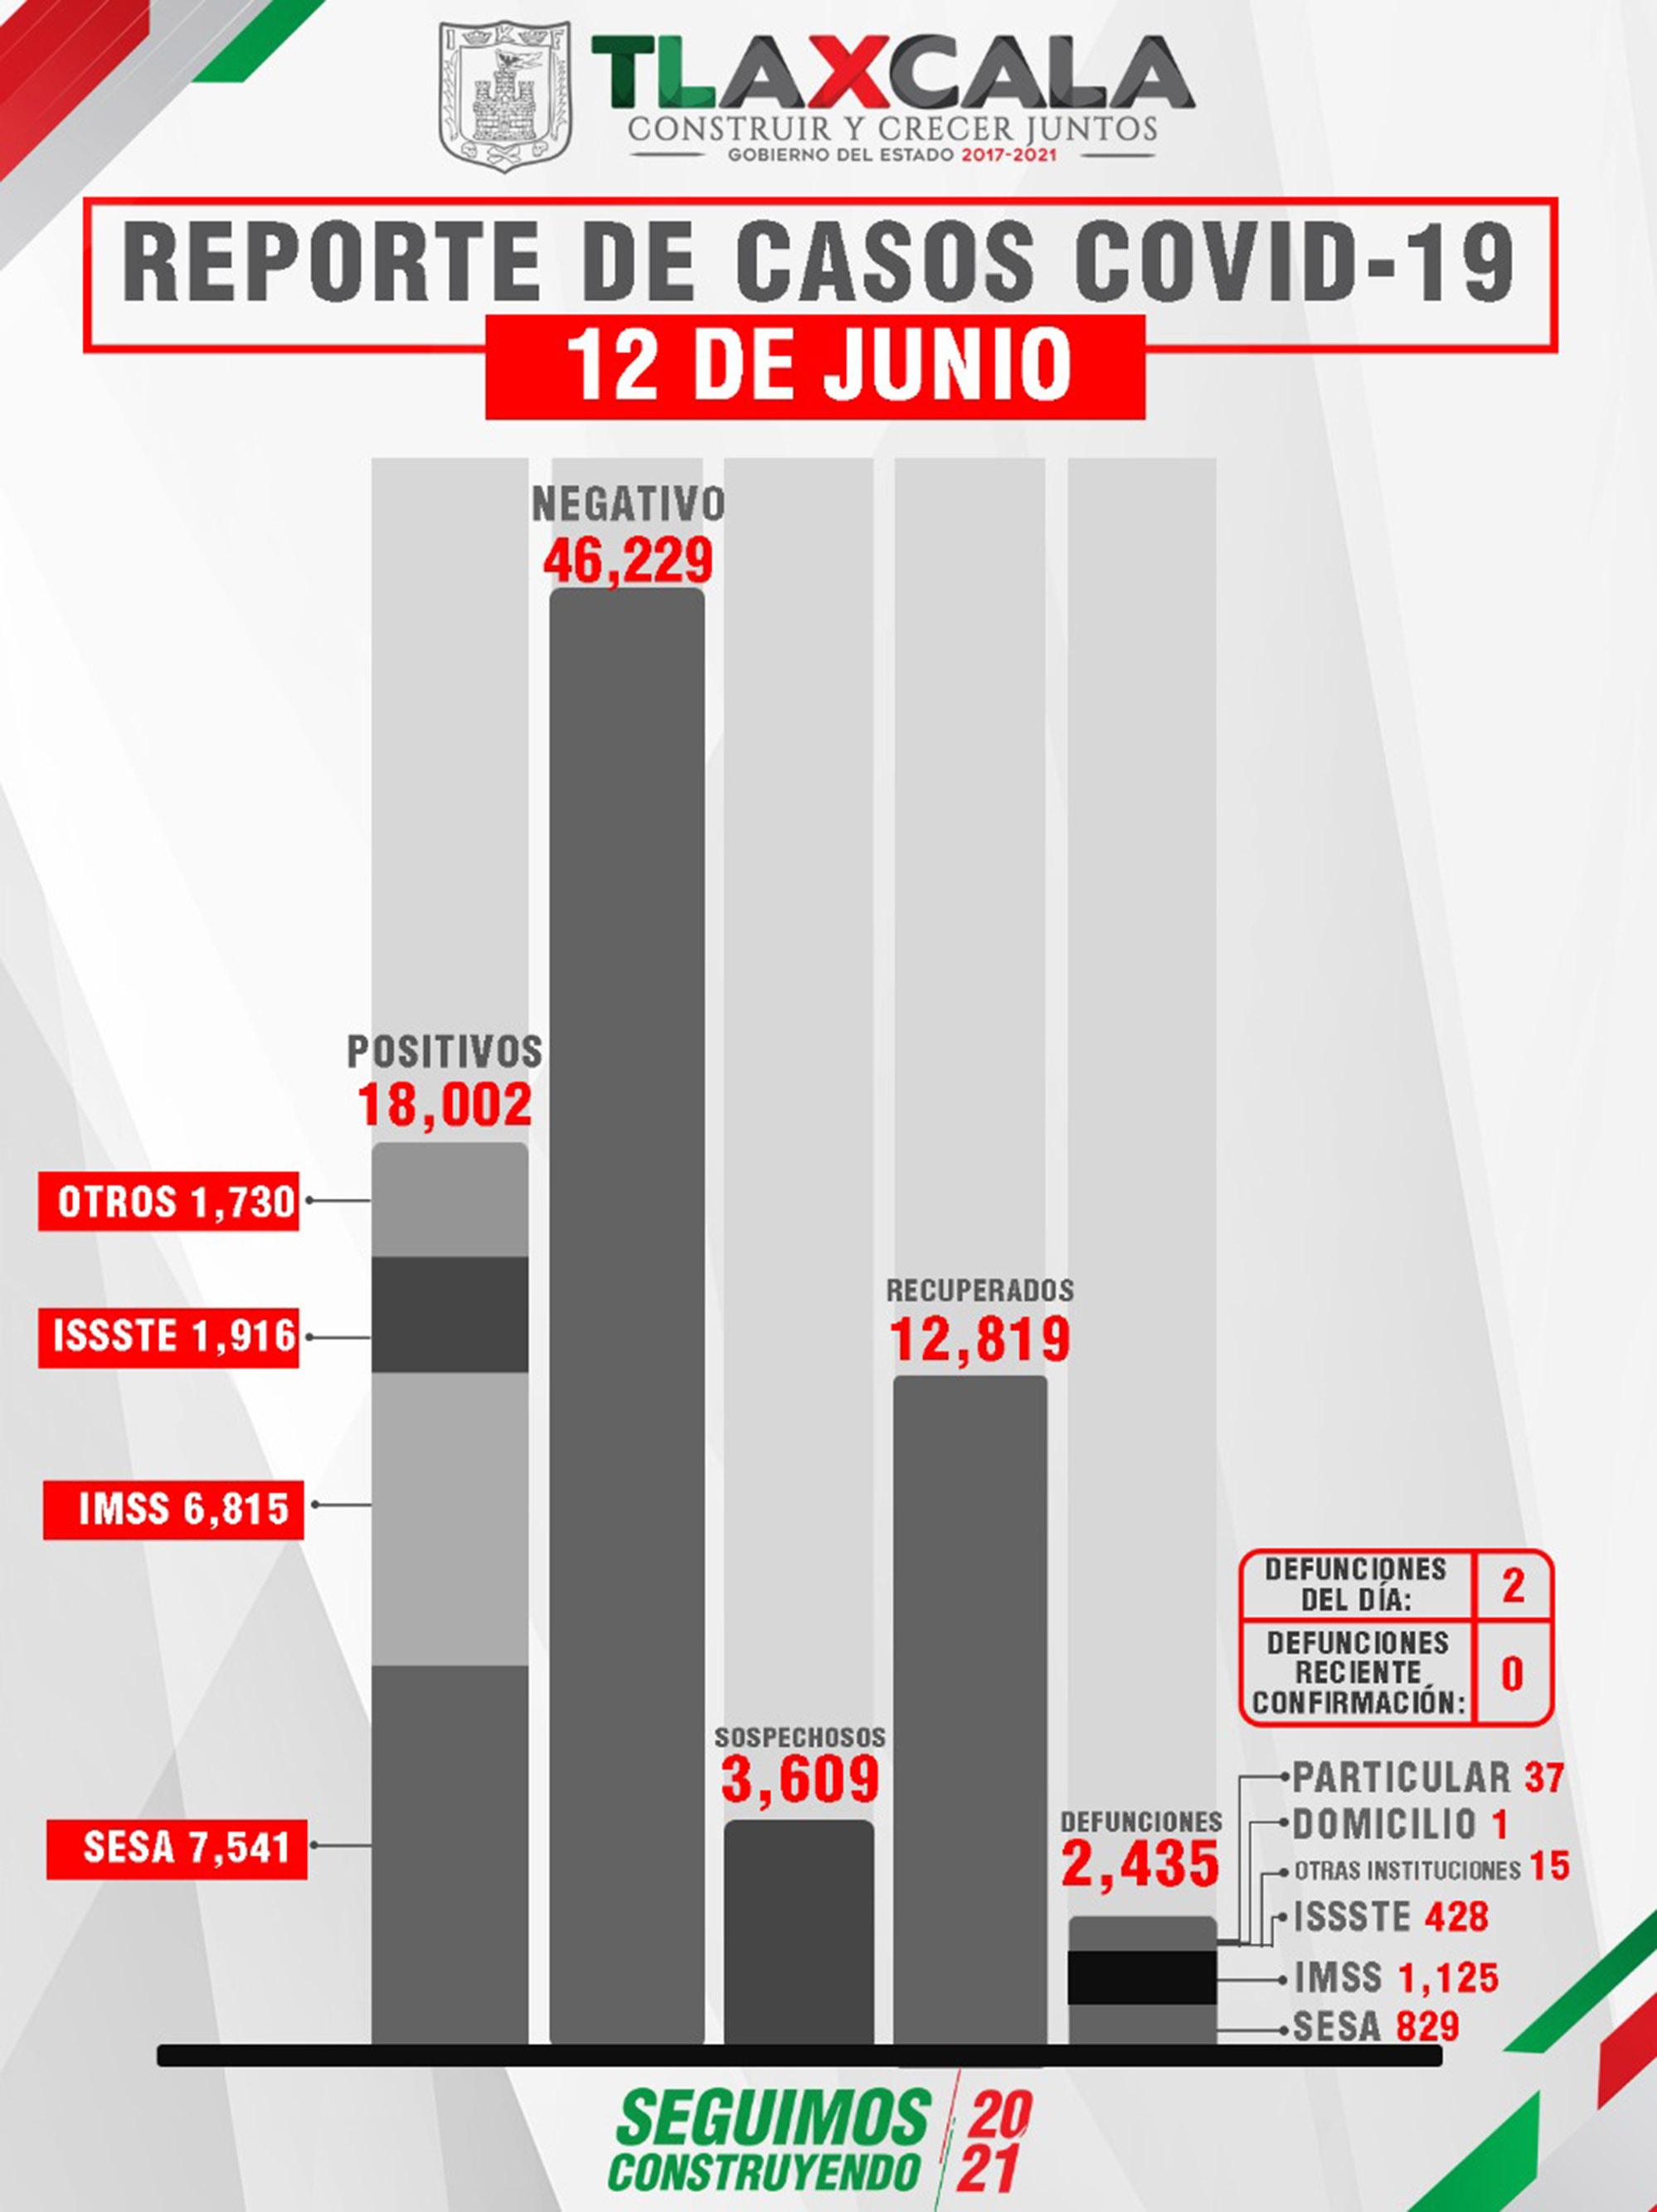 Confirma SESA  2 defunciones y 5 casos positivos en Tlaxcala de Covid-19